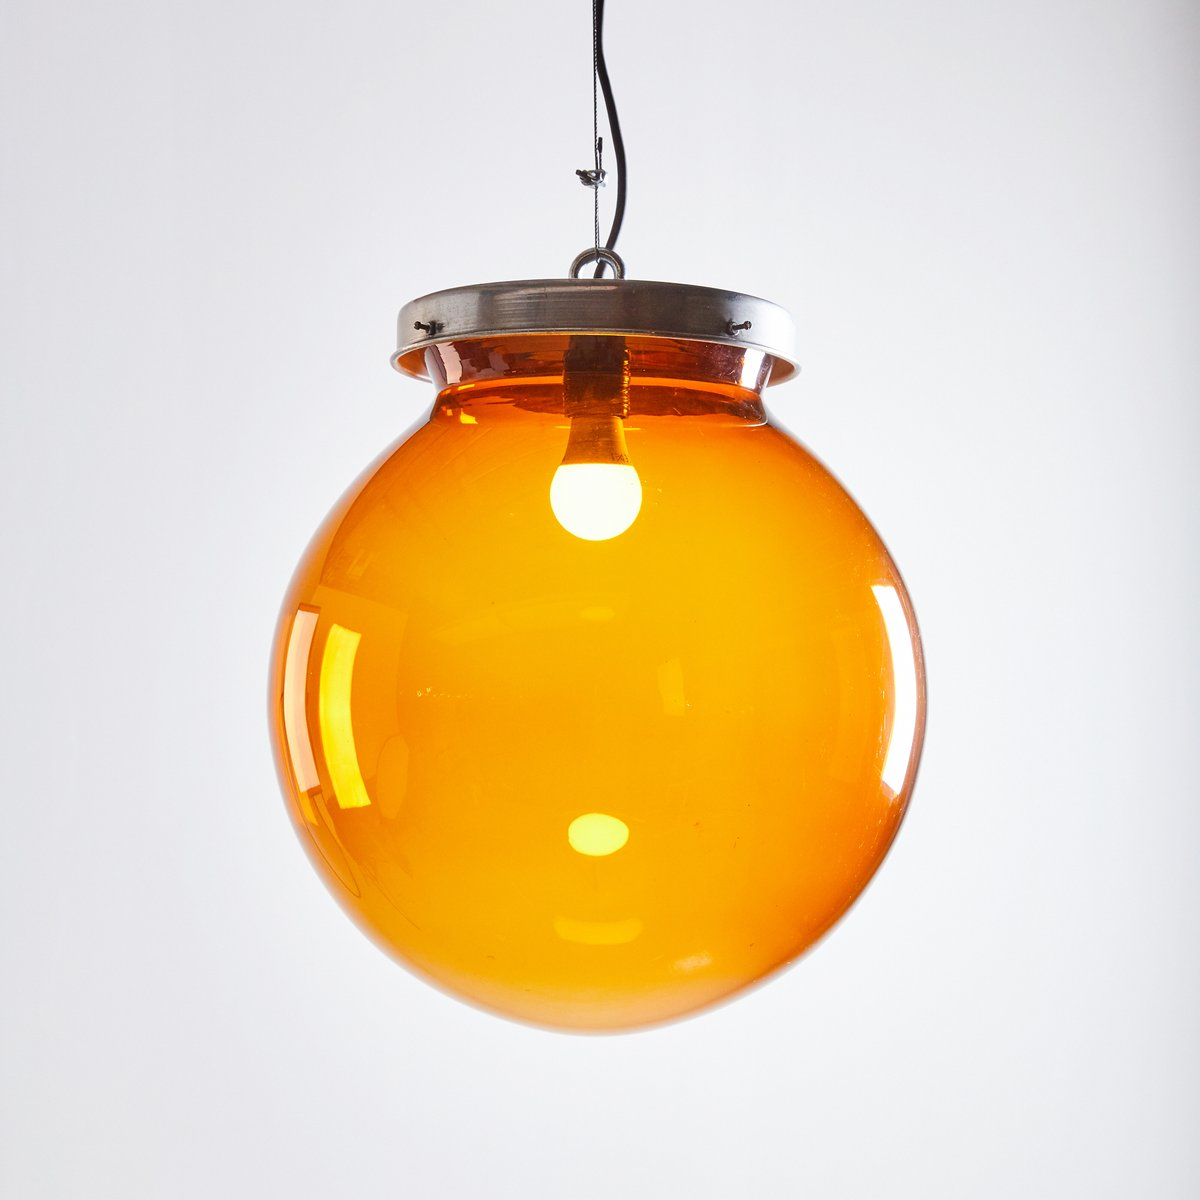 gro e kugel h ngelampe aus bernsteingelbem glas 1970er bei pamono kaufen. Black Bedroom Furniture Sets. Home Design Ideas